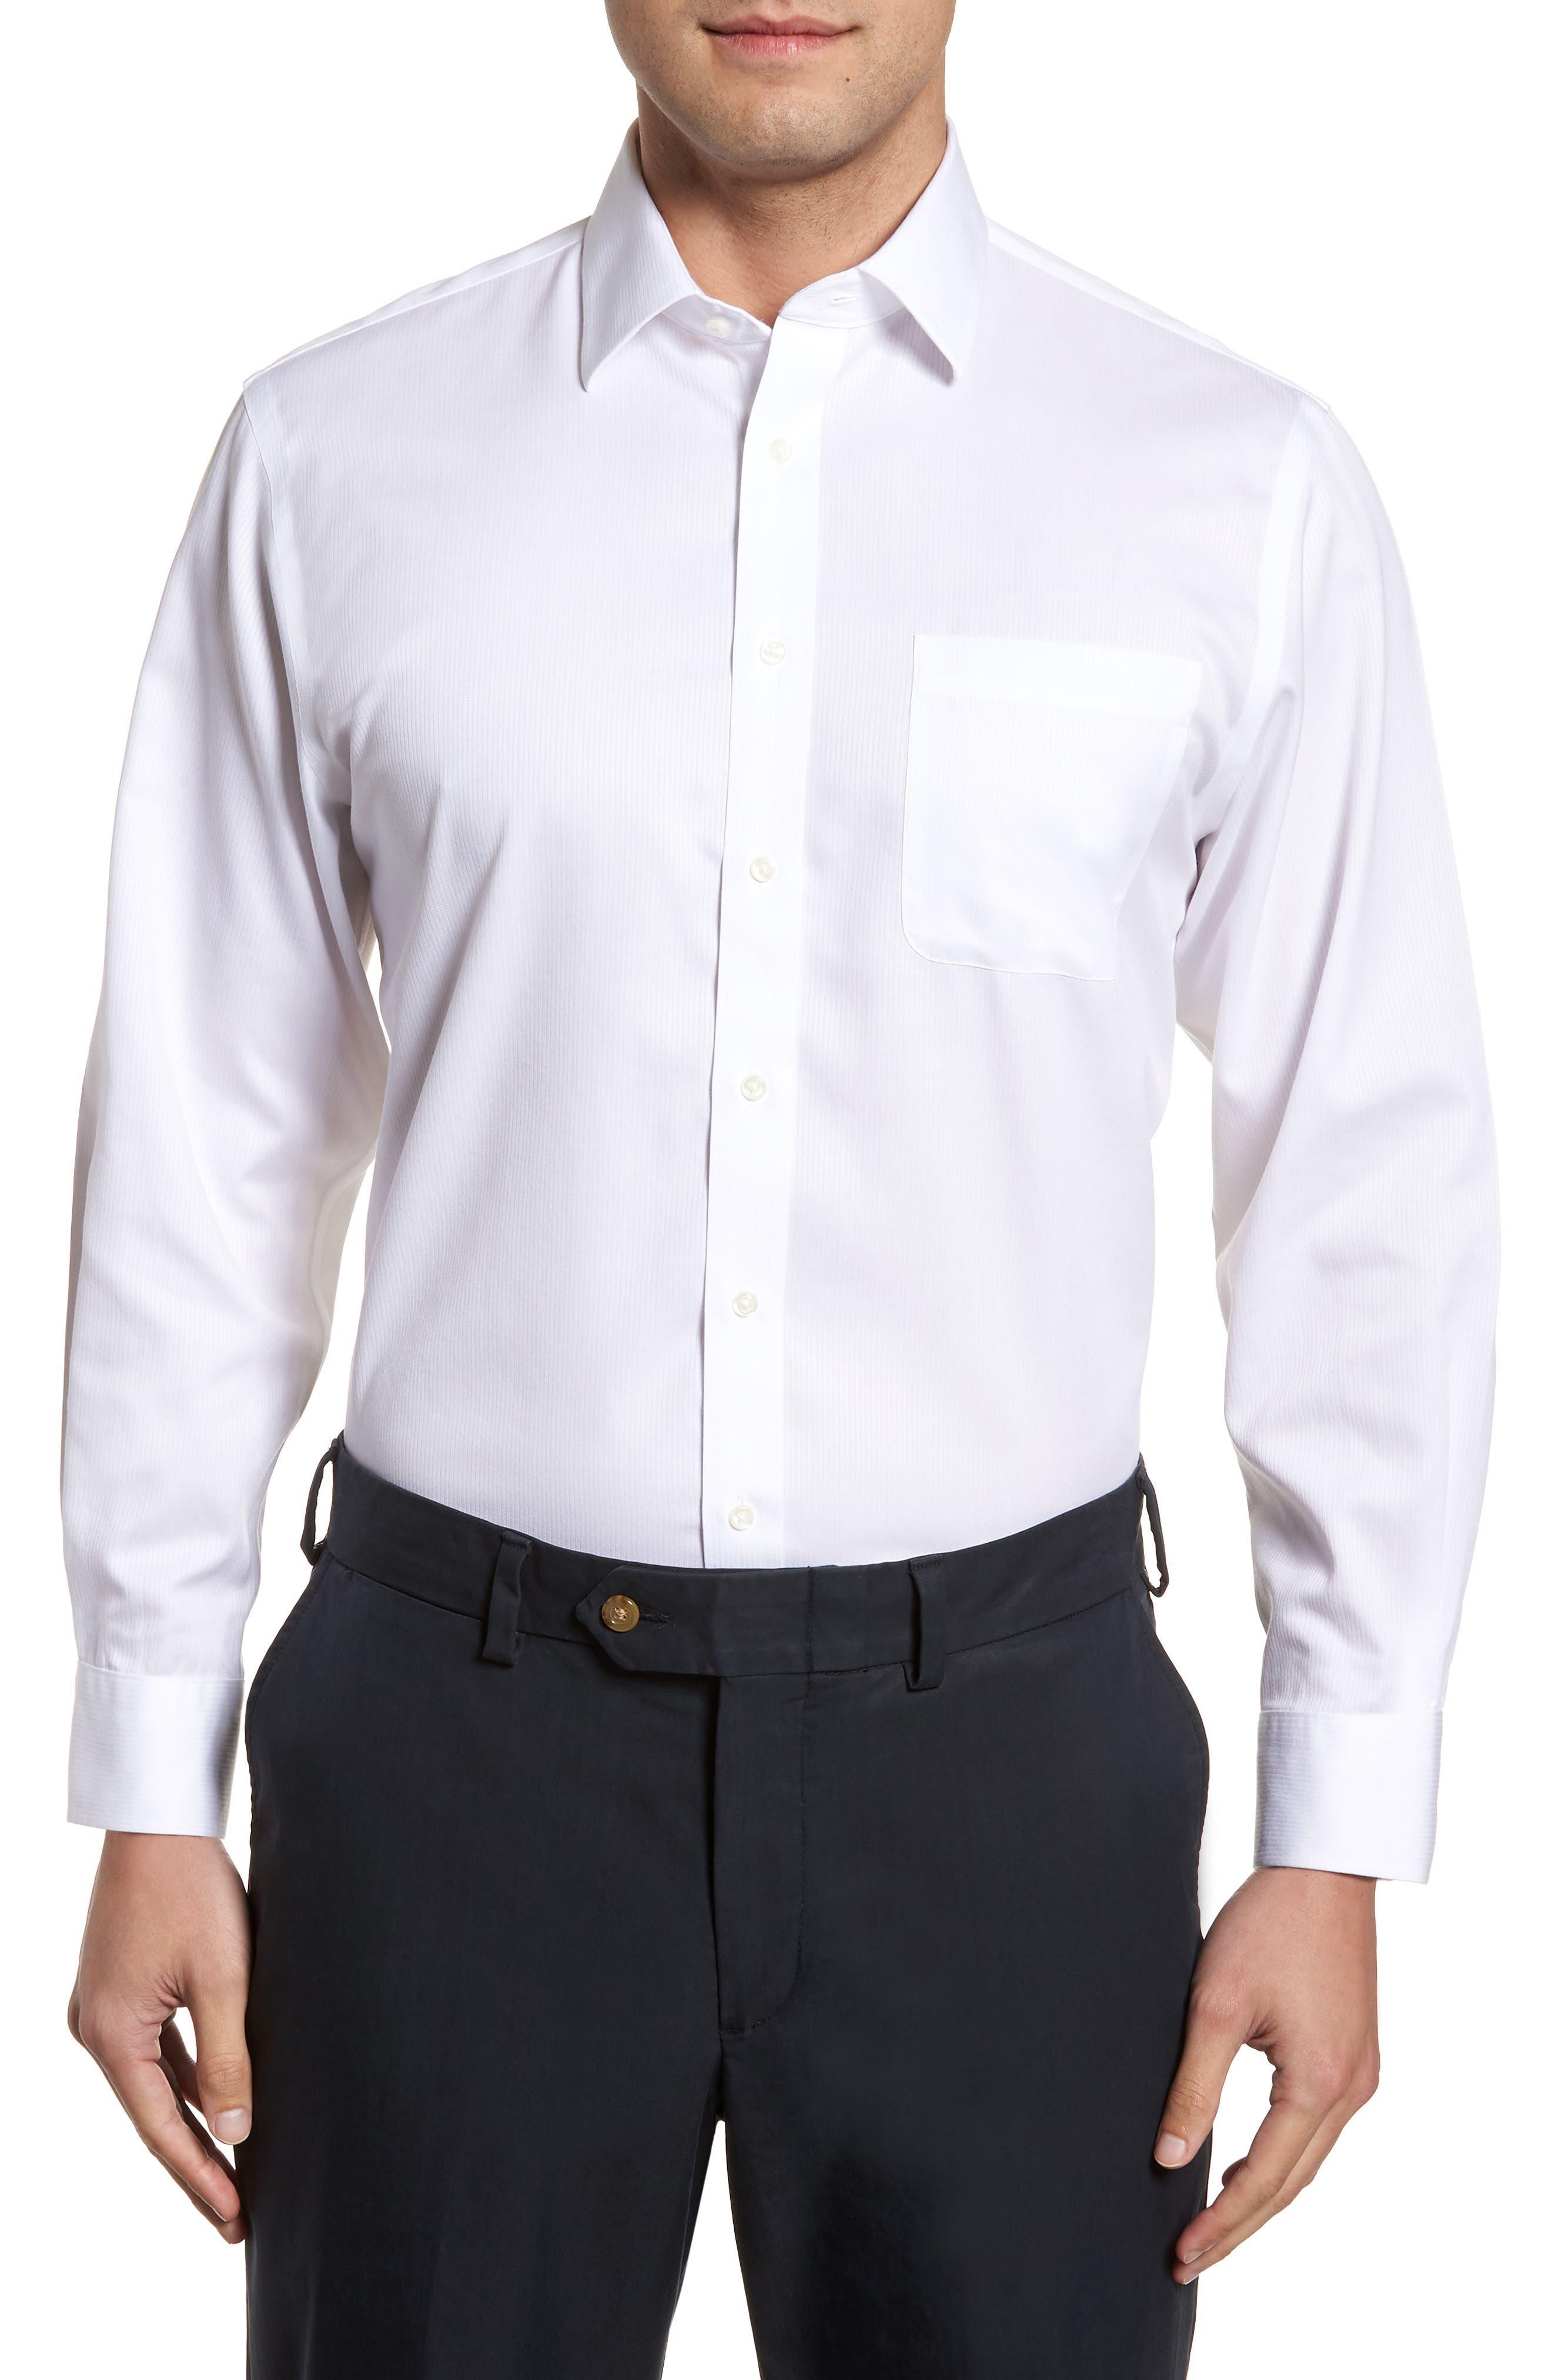 Nordstrom Menu0026#39;s Shop Smartcareu2122 Traditional Fit Stripe Dress Shirt | Nordstrom